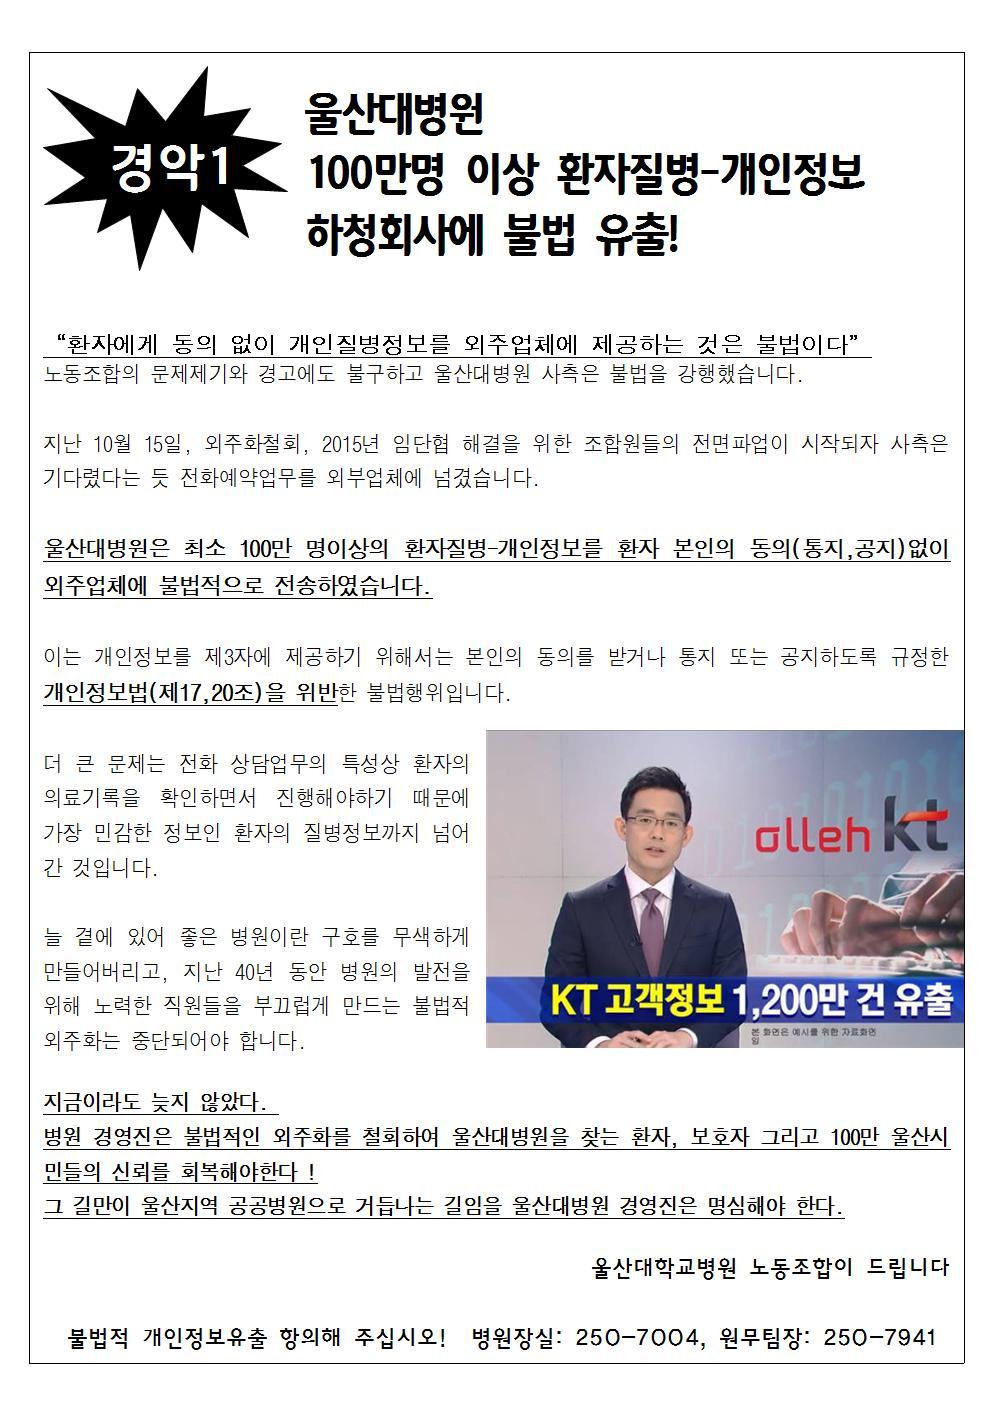 환자보호자 선전물_불법적 외주화 규탄_앞.jpg